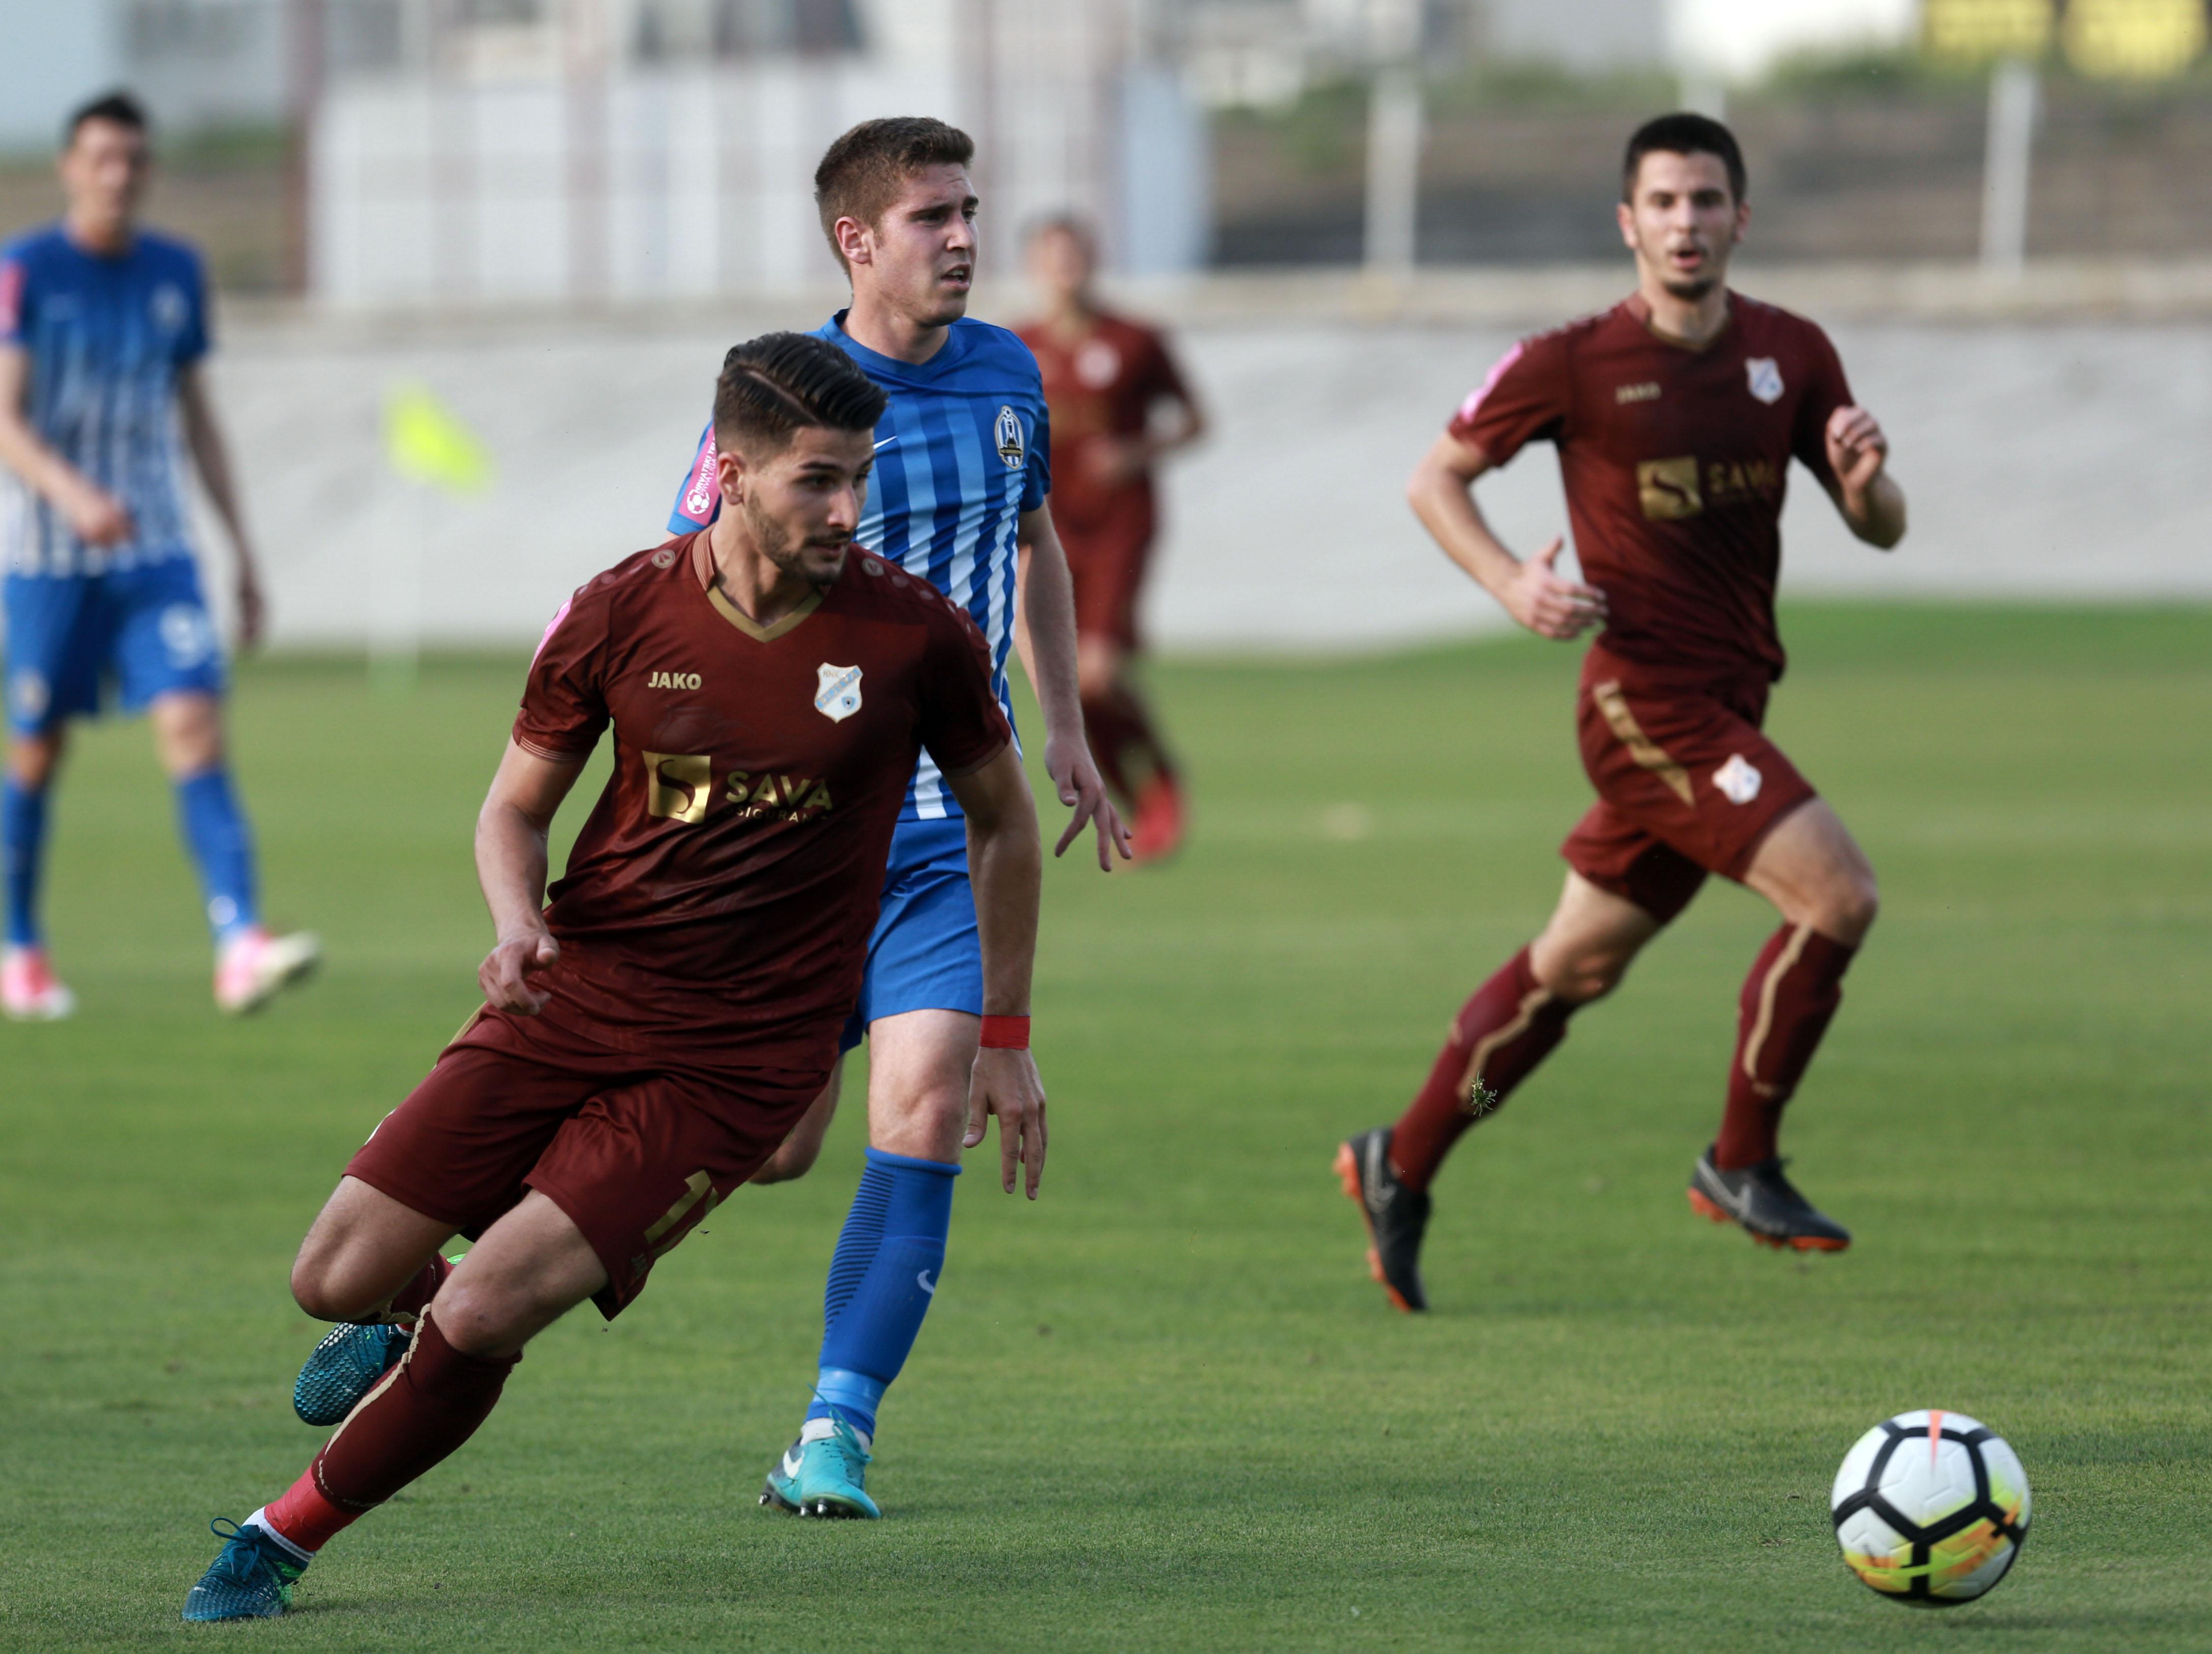 Prva HNL: Lokomotiva – Rijeka 1-0